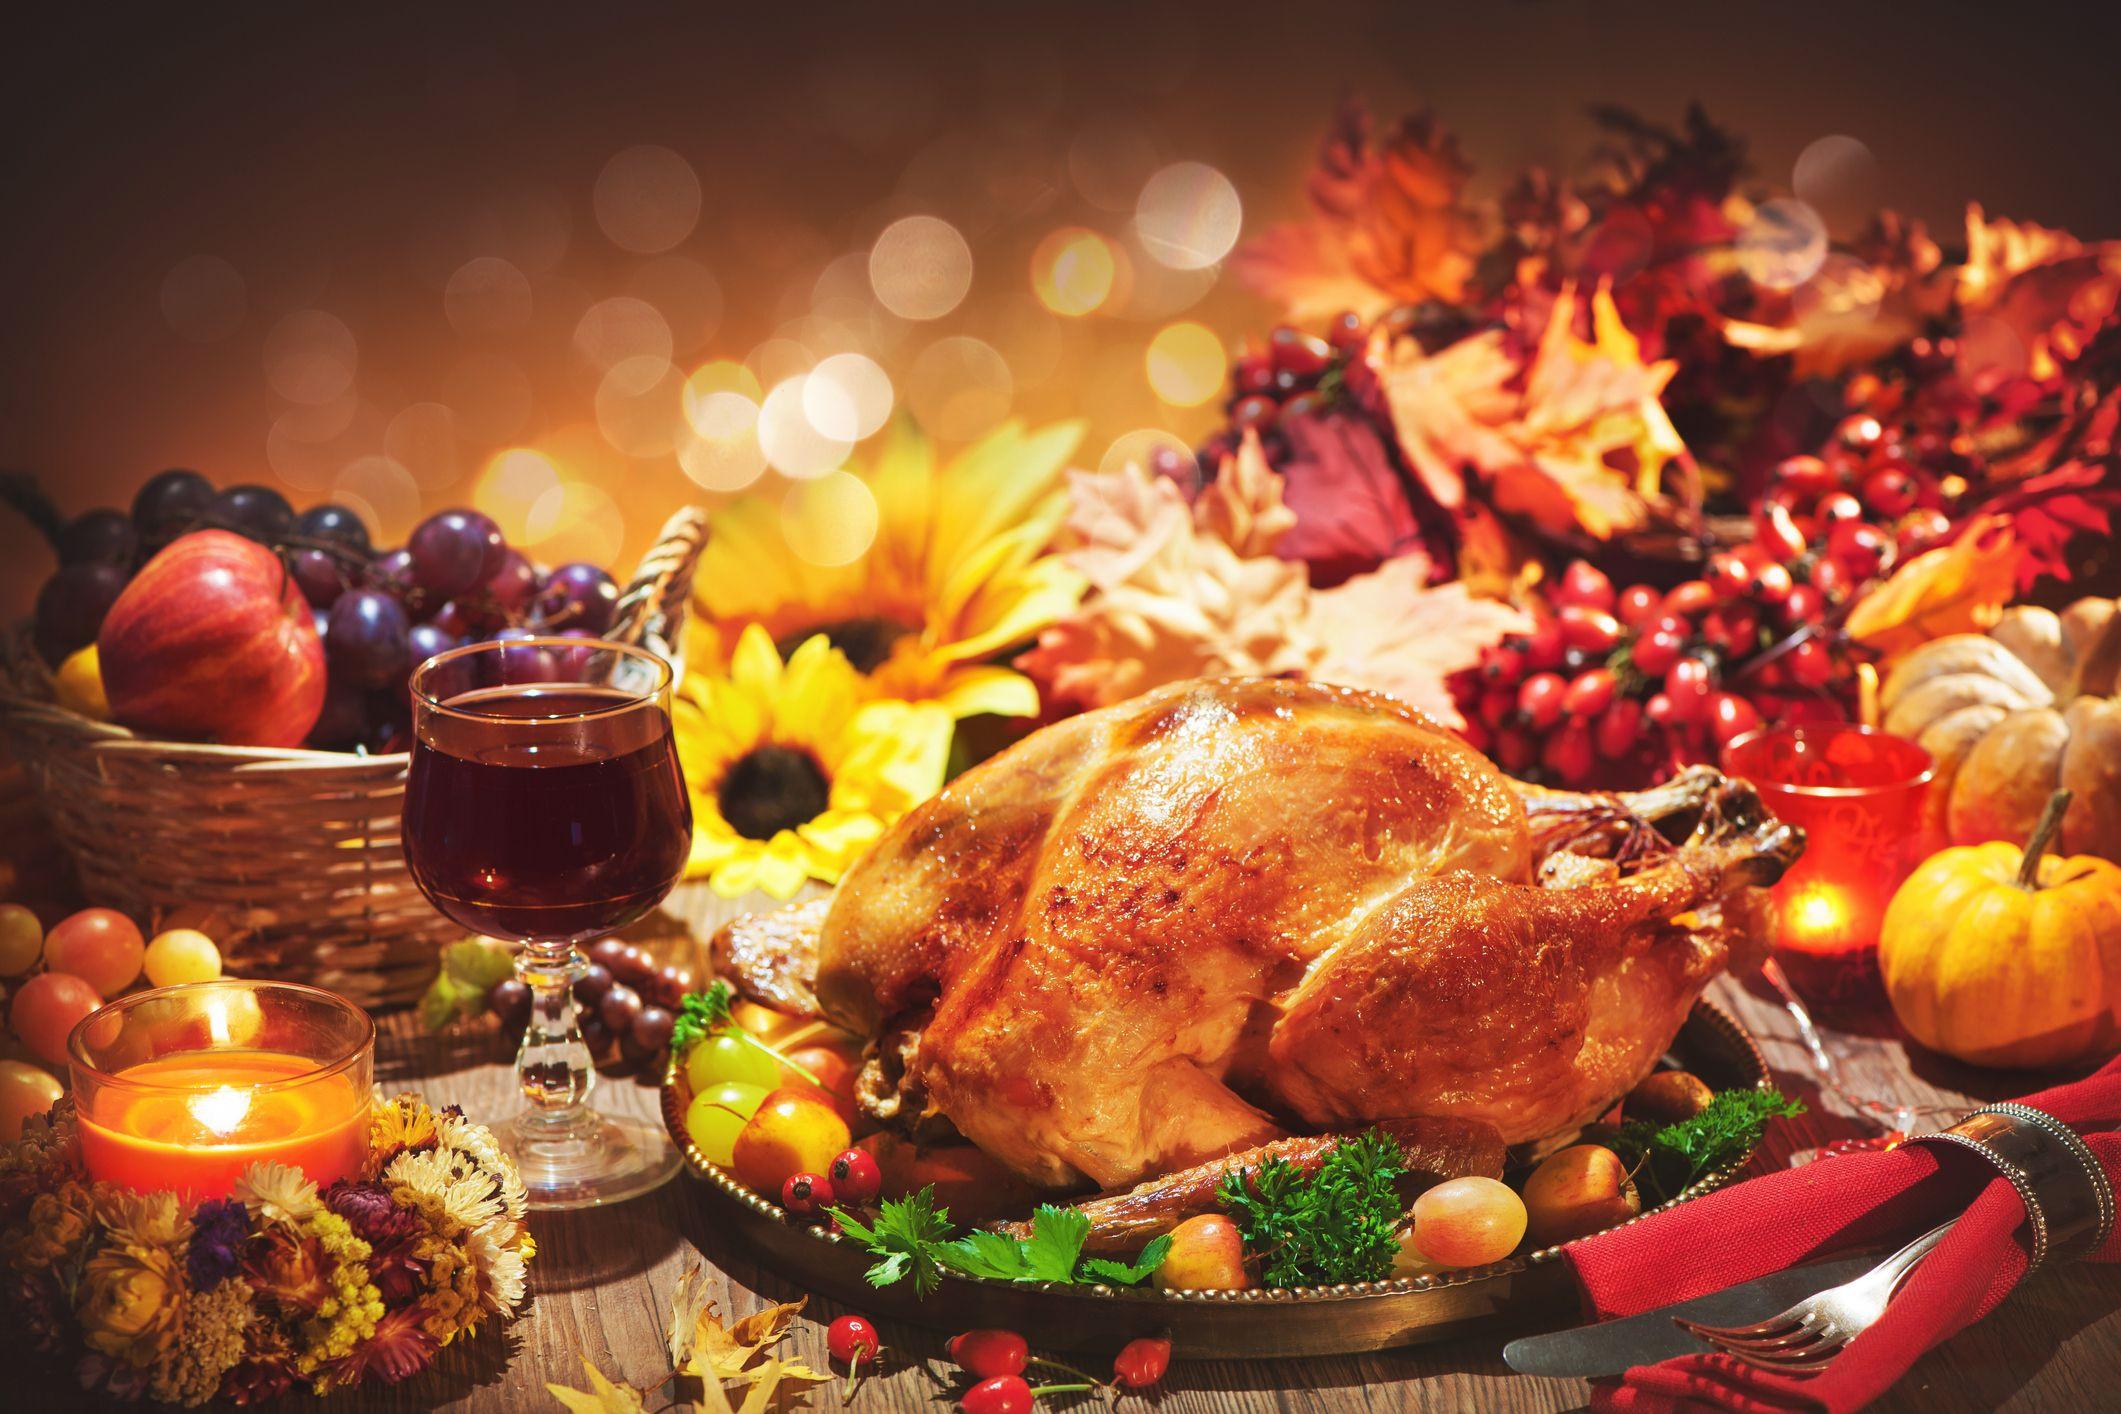 Thanksgiving Dinner Restaurant 2019  What Restaurants Are Open on Thanksgiving 2018 IHOP